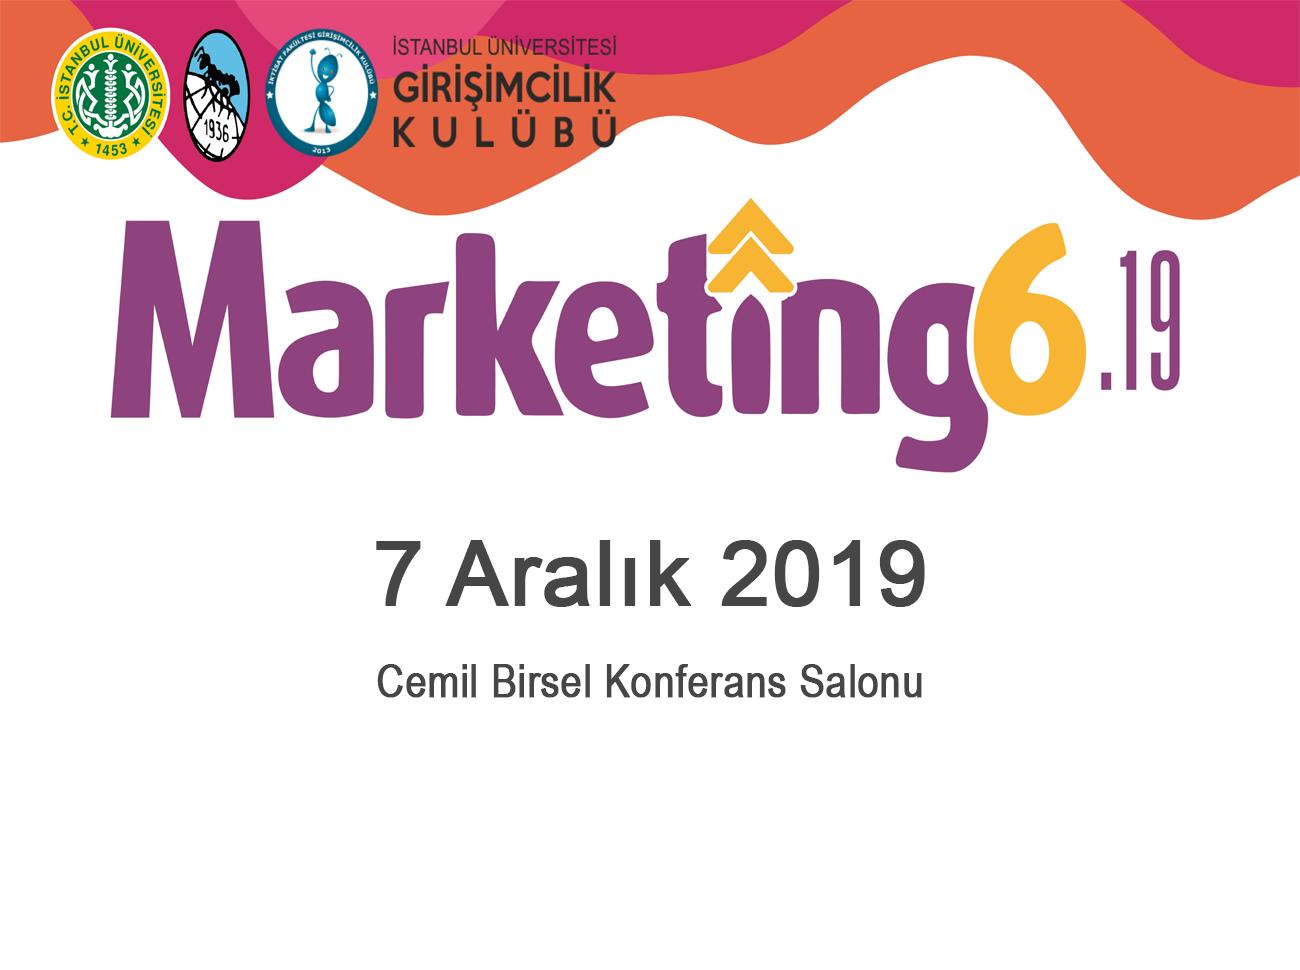 Marketing 6.19 Zirvesi 7 Aralık'ta